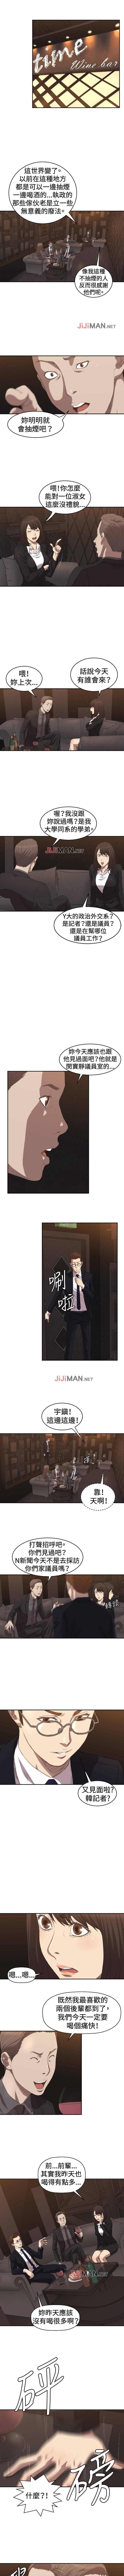 【已完结】索多玛俱乐部(作者:何藝媛&庫奈尼) 第1~32话 21